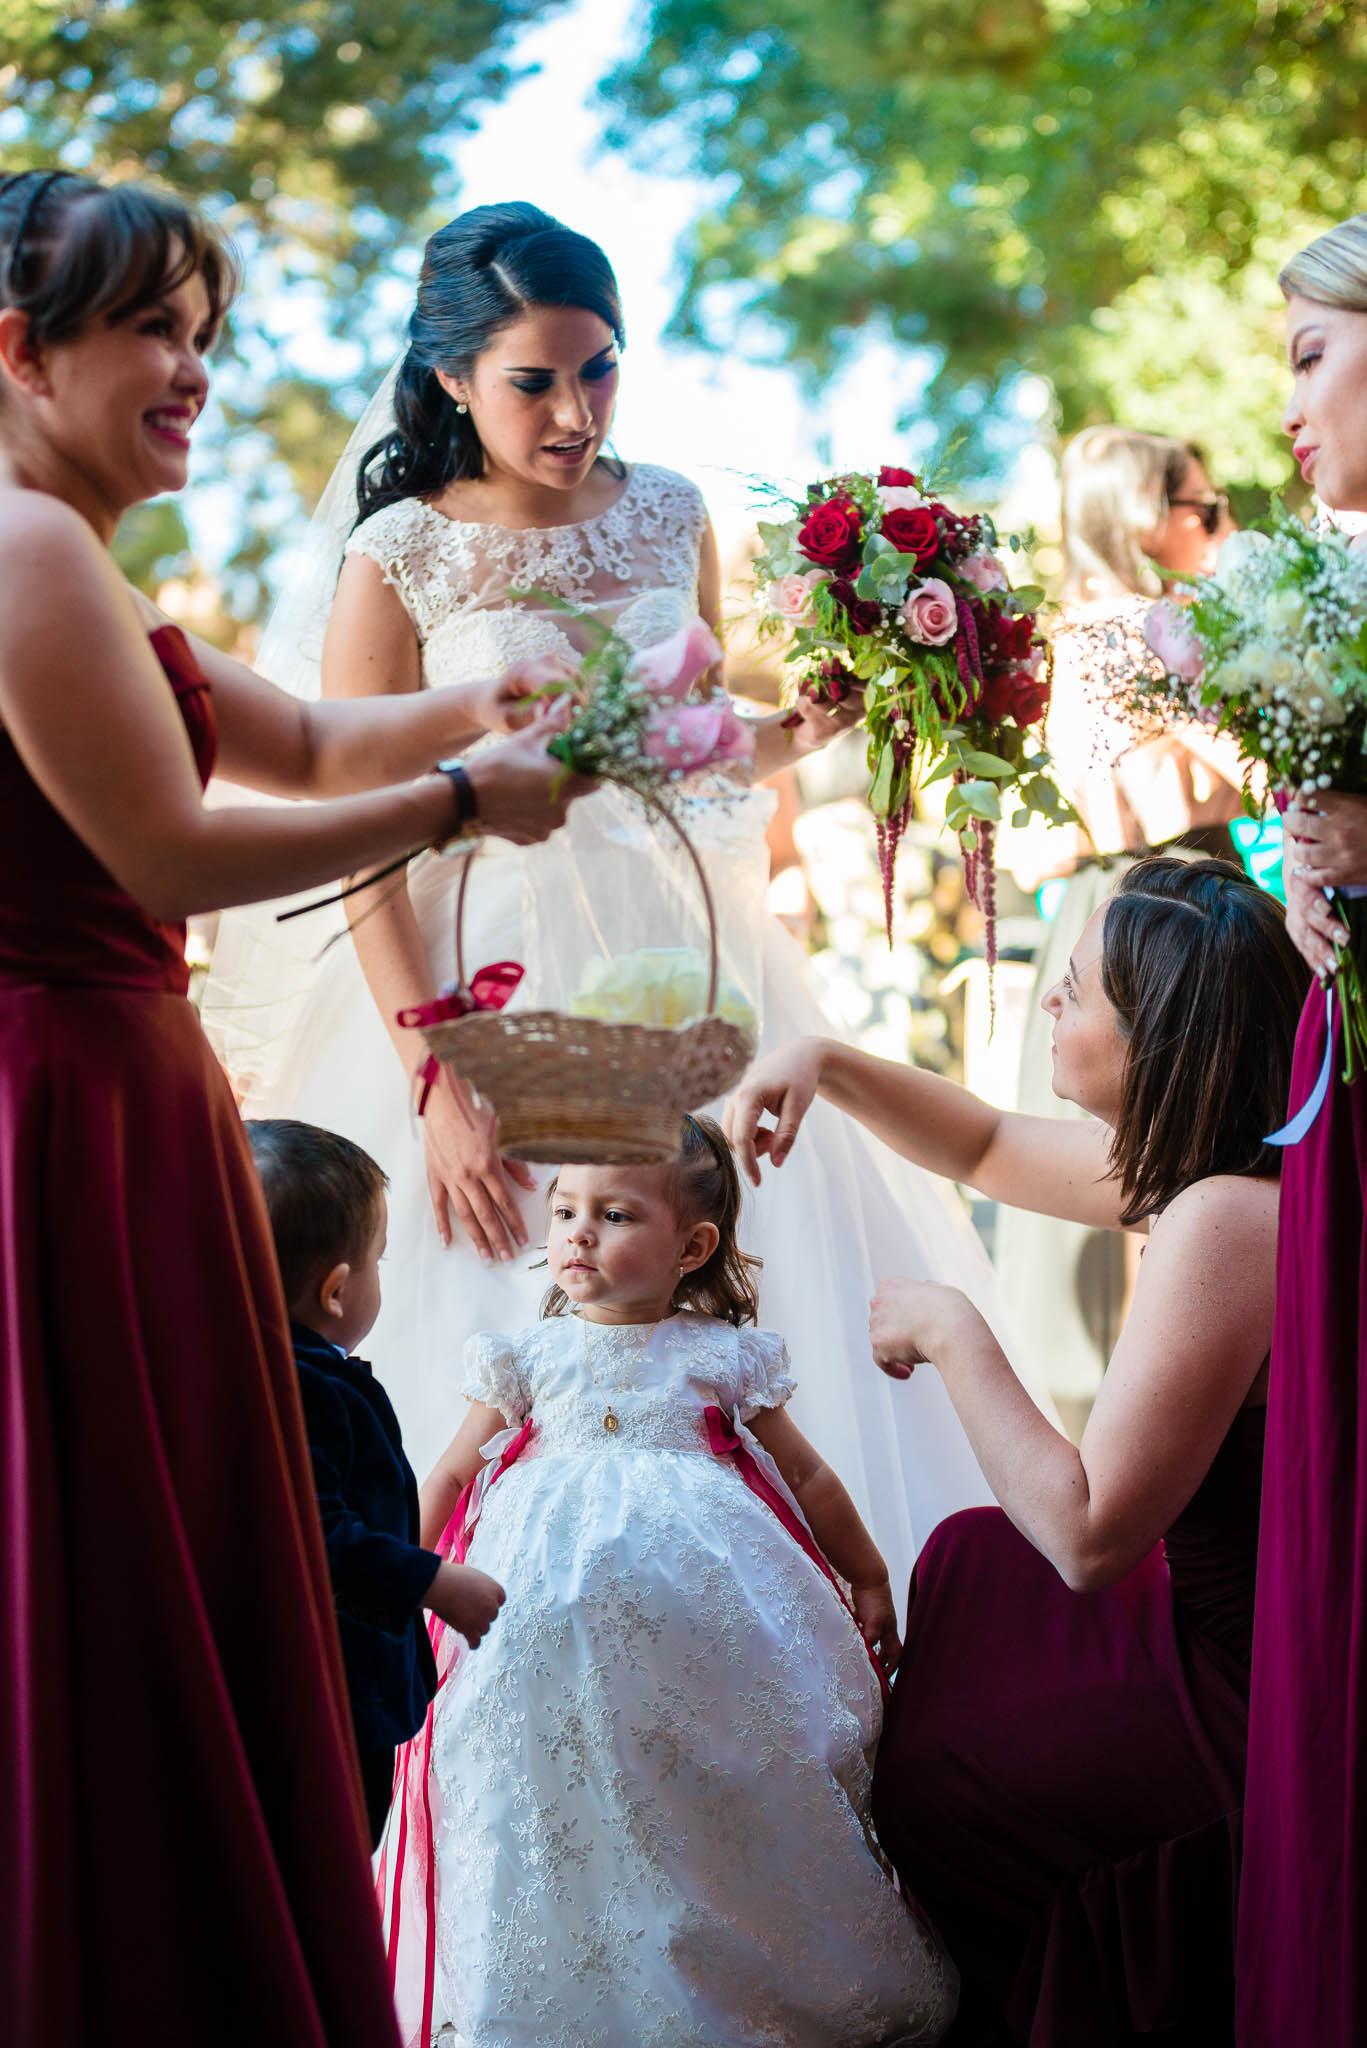 fotografo de bodas san luis potosi boda mexico wedding destination fotos de boda 72